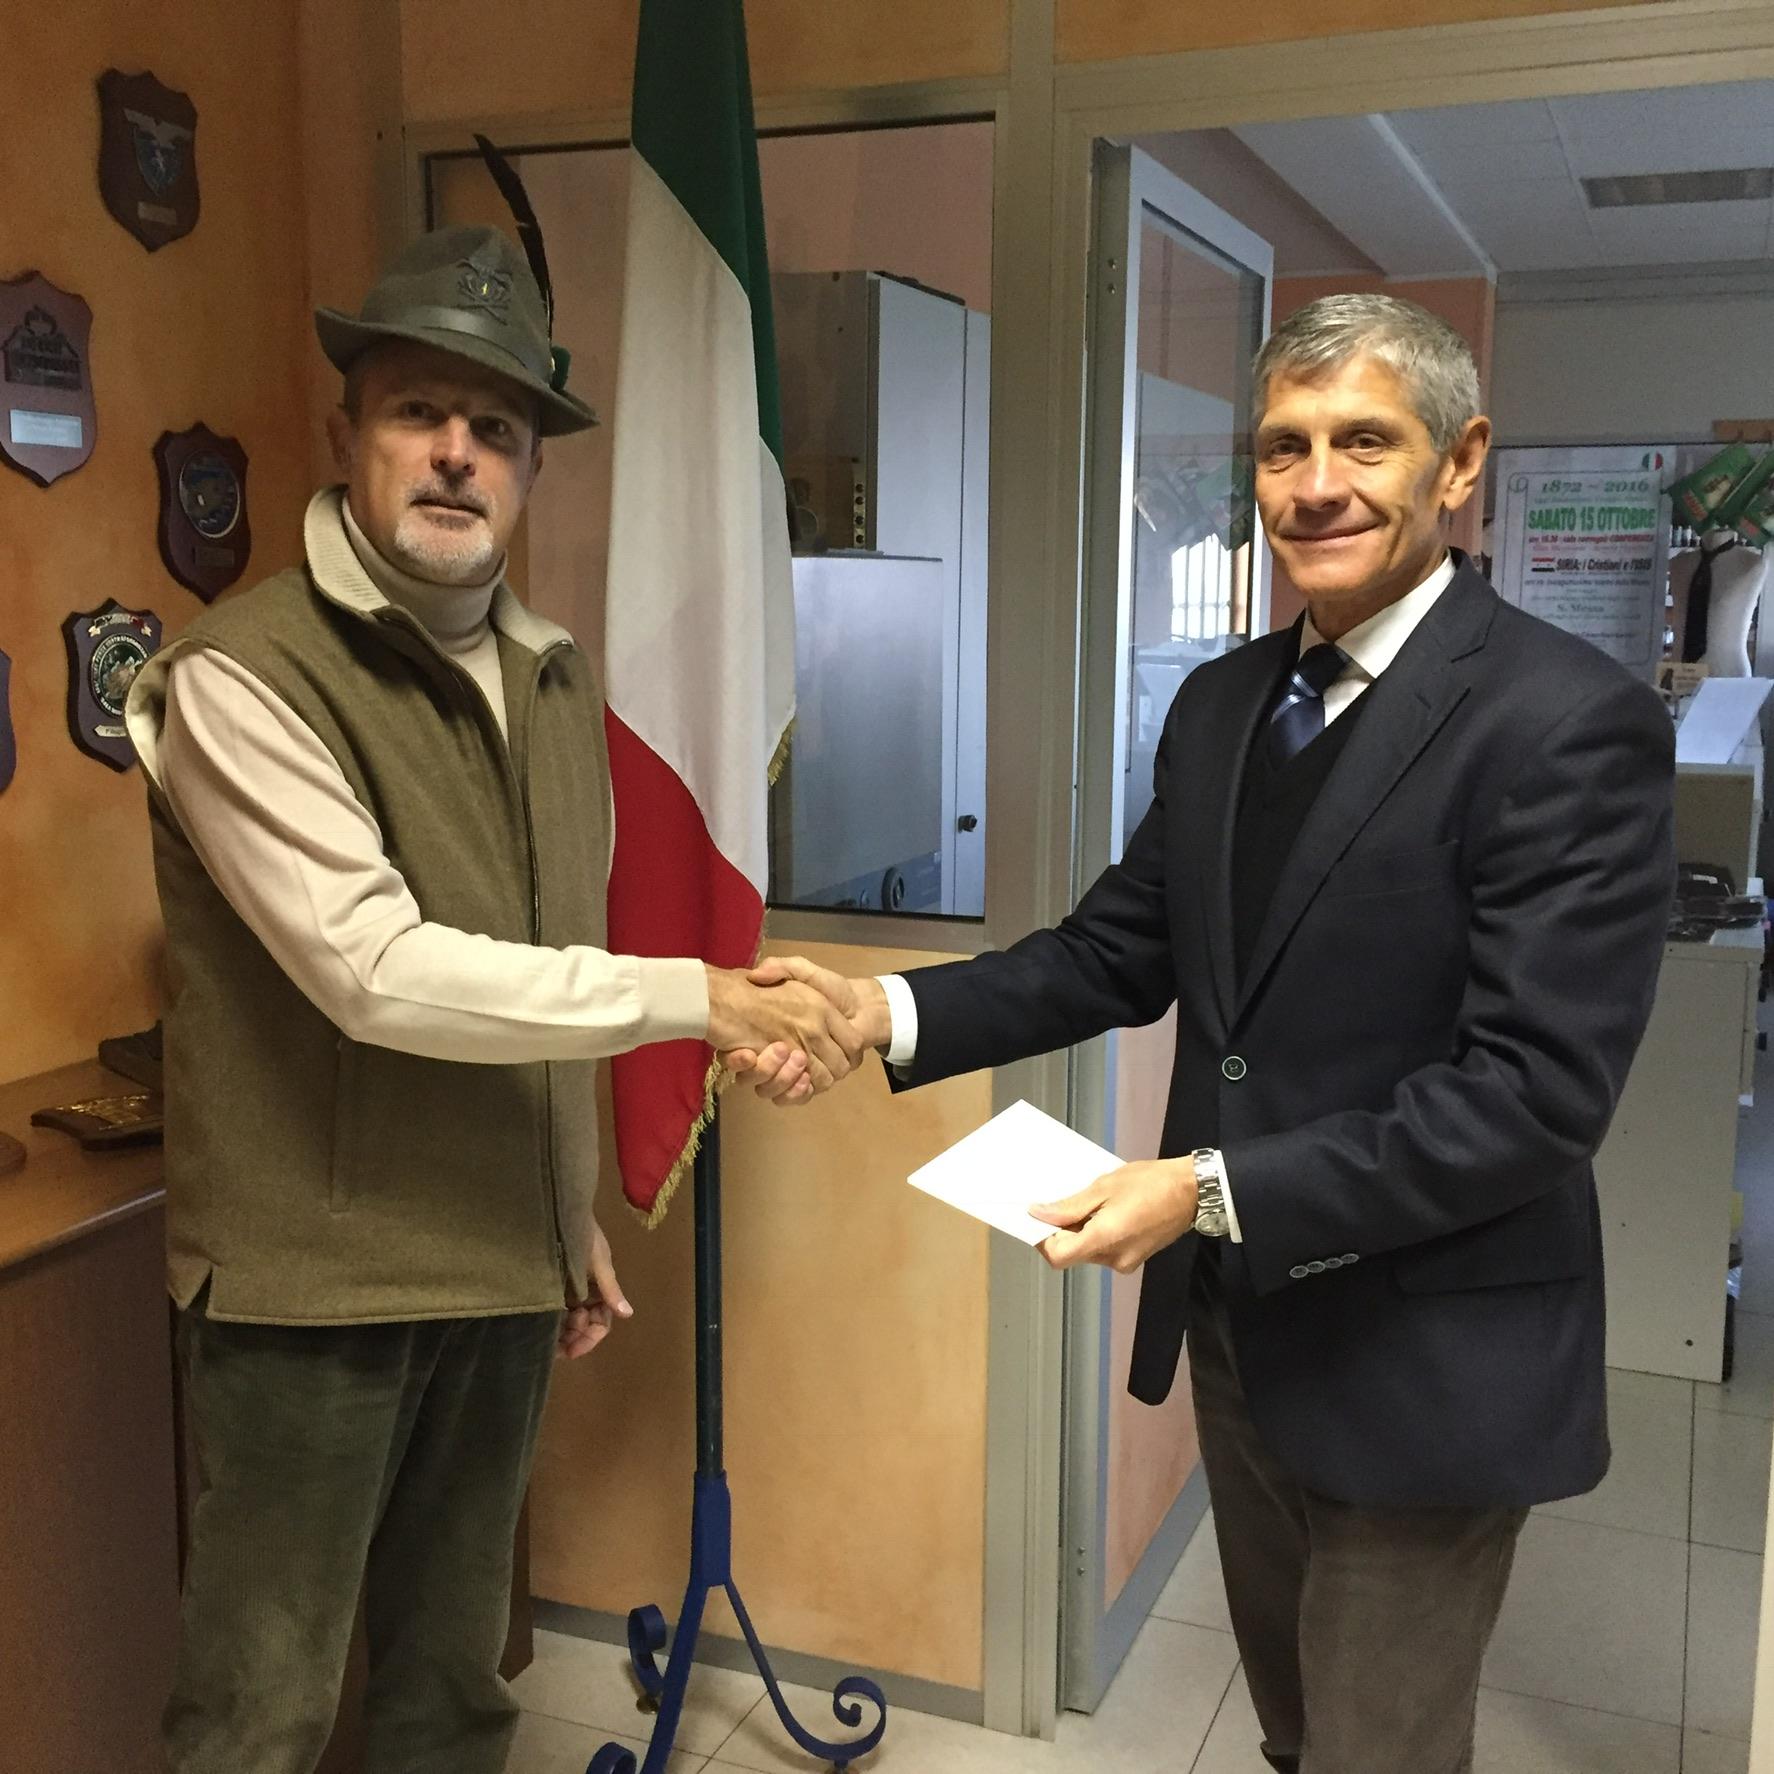 Raccolta fondi terremoto Centro Italia